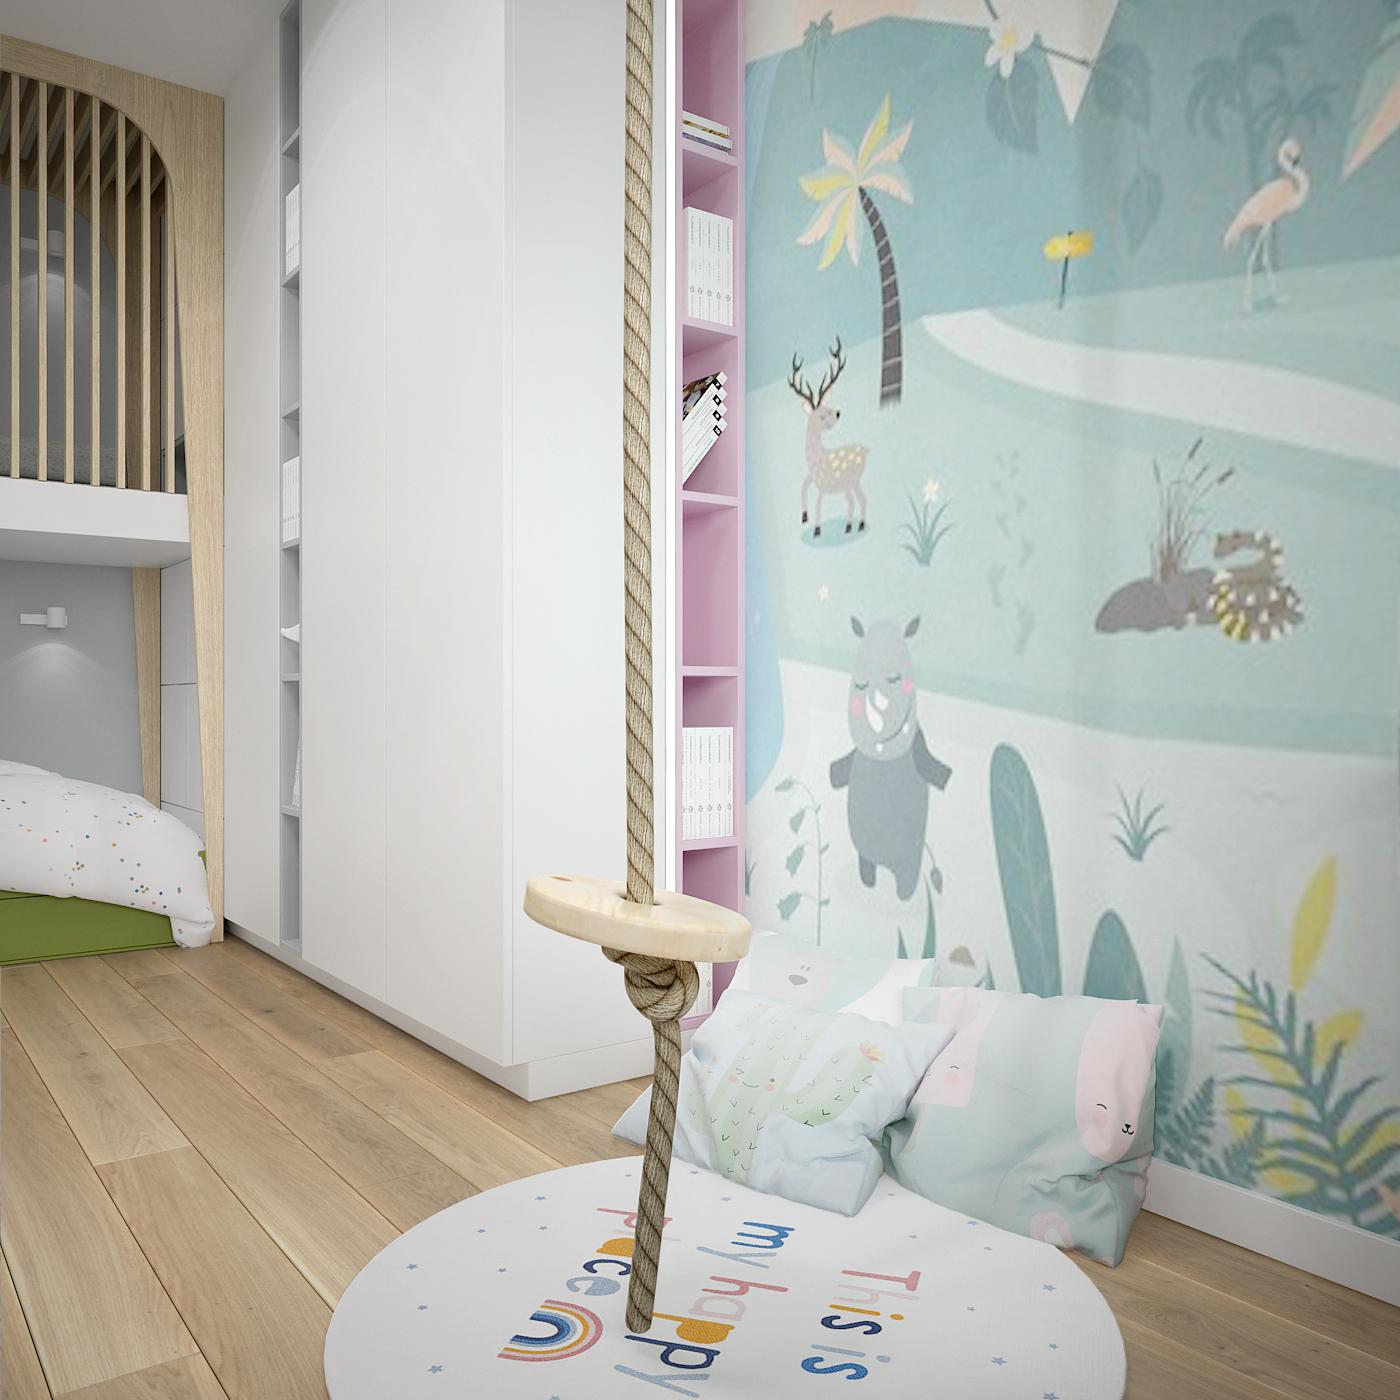 22 projekt wnetrza 537 mieszkanie krakow pokoj dziecka tapate z kreskowki sznurowa hustawka poduszki okragly dywan